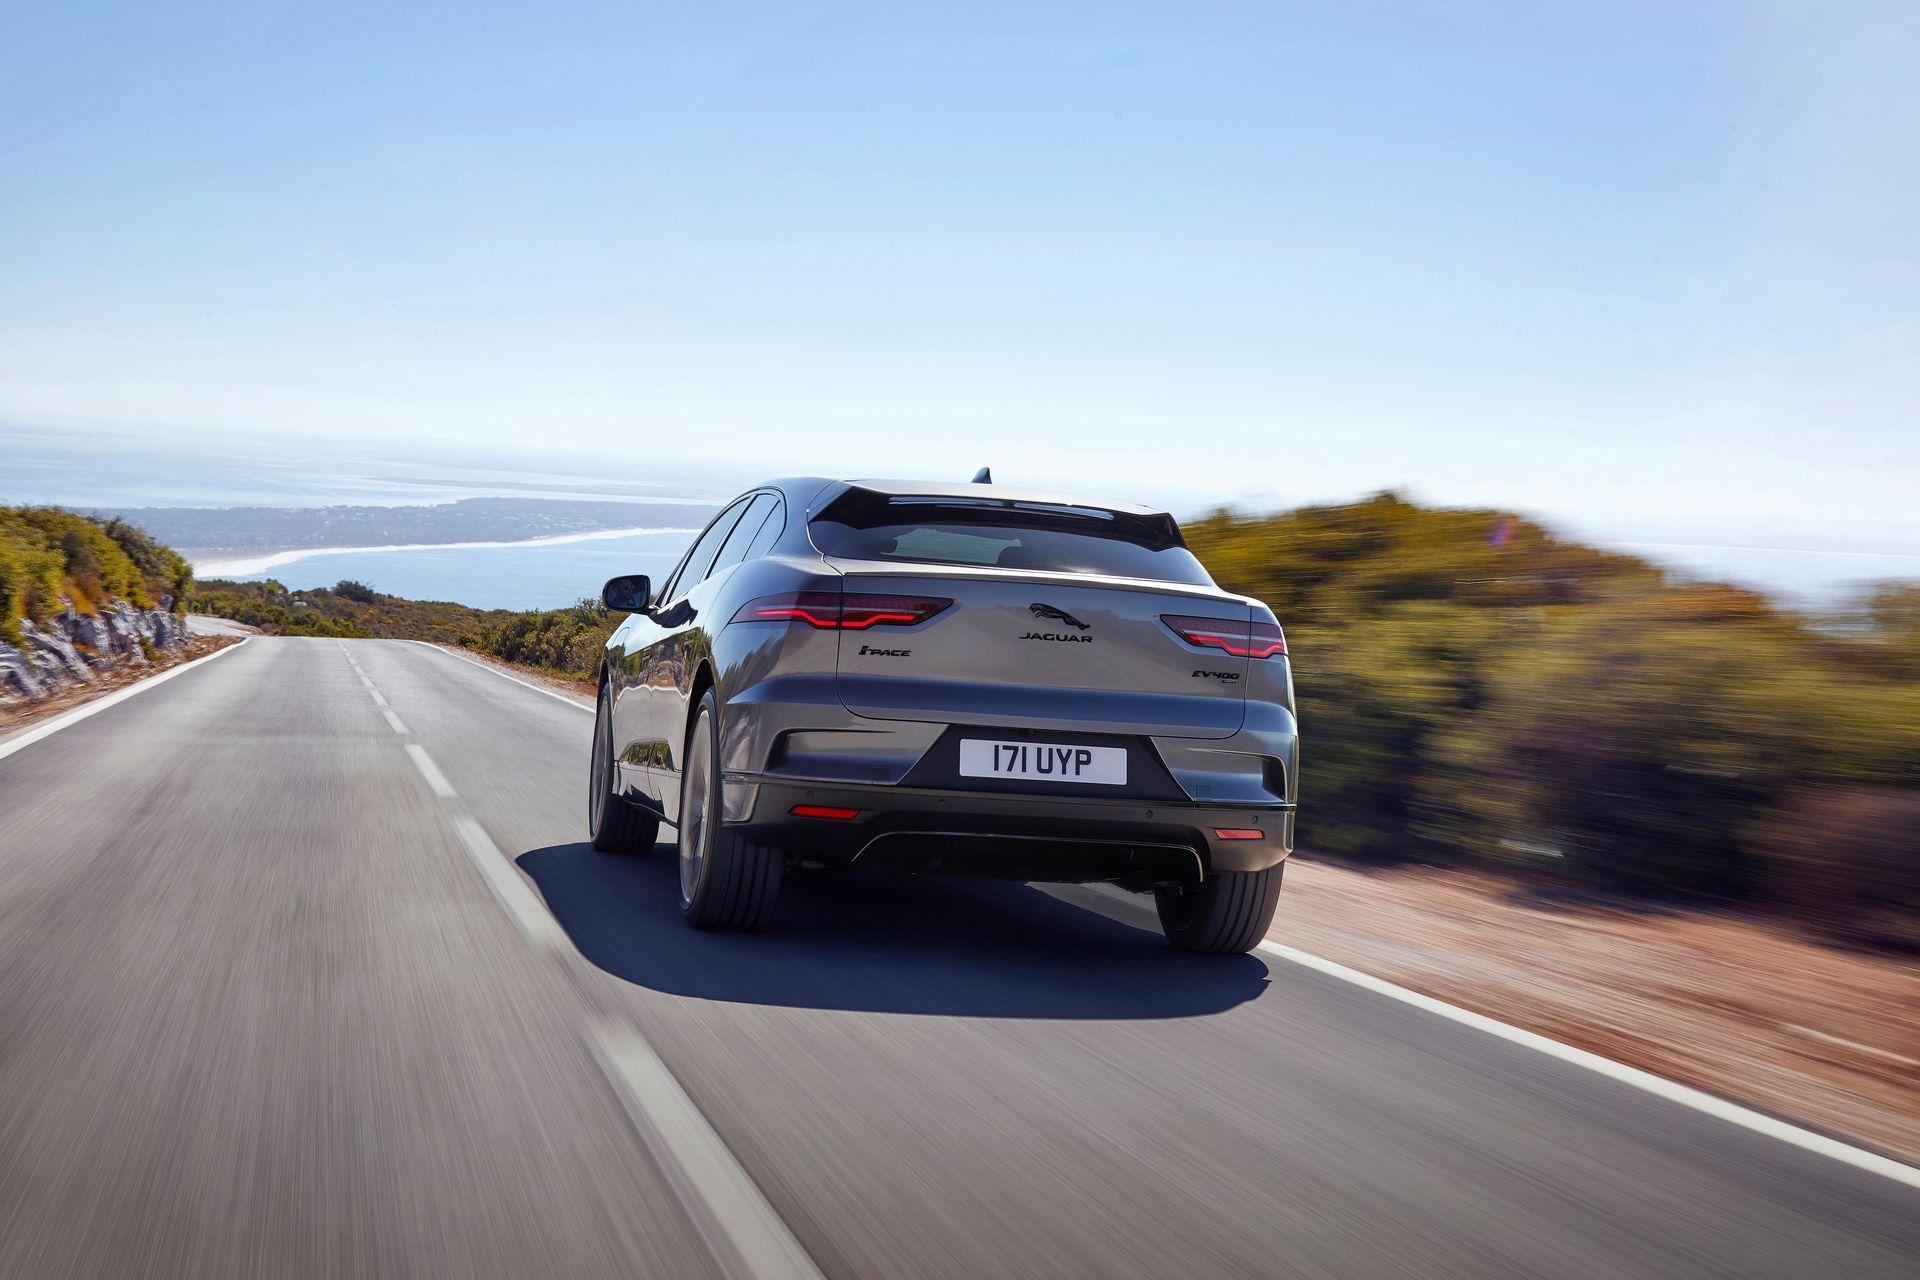 Jaguar-I-Pace-2021-3